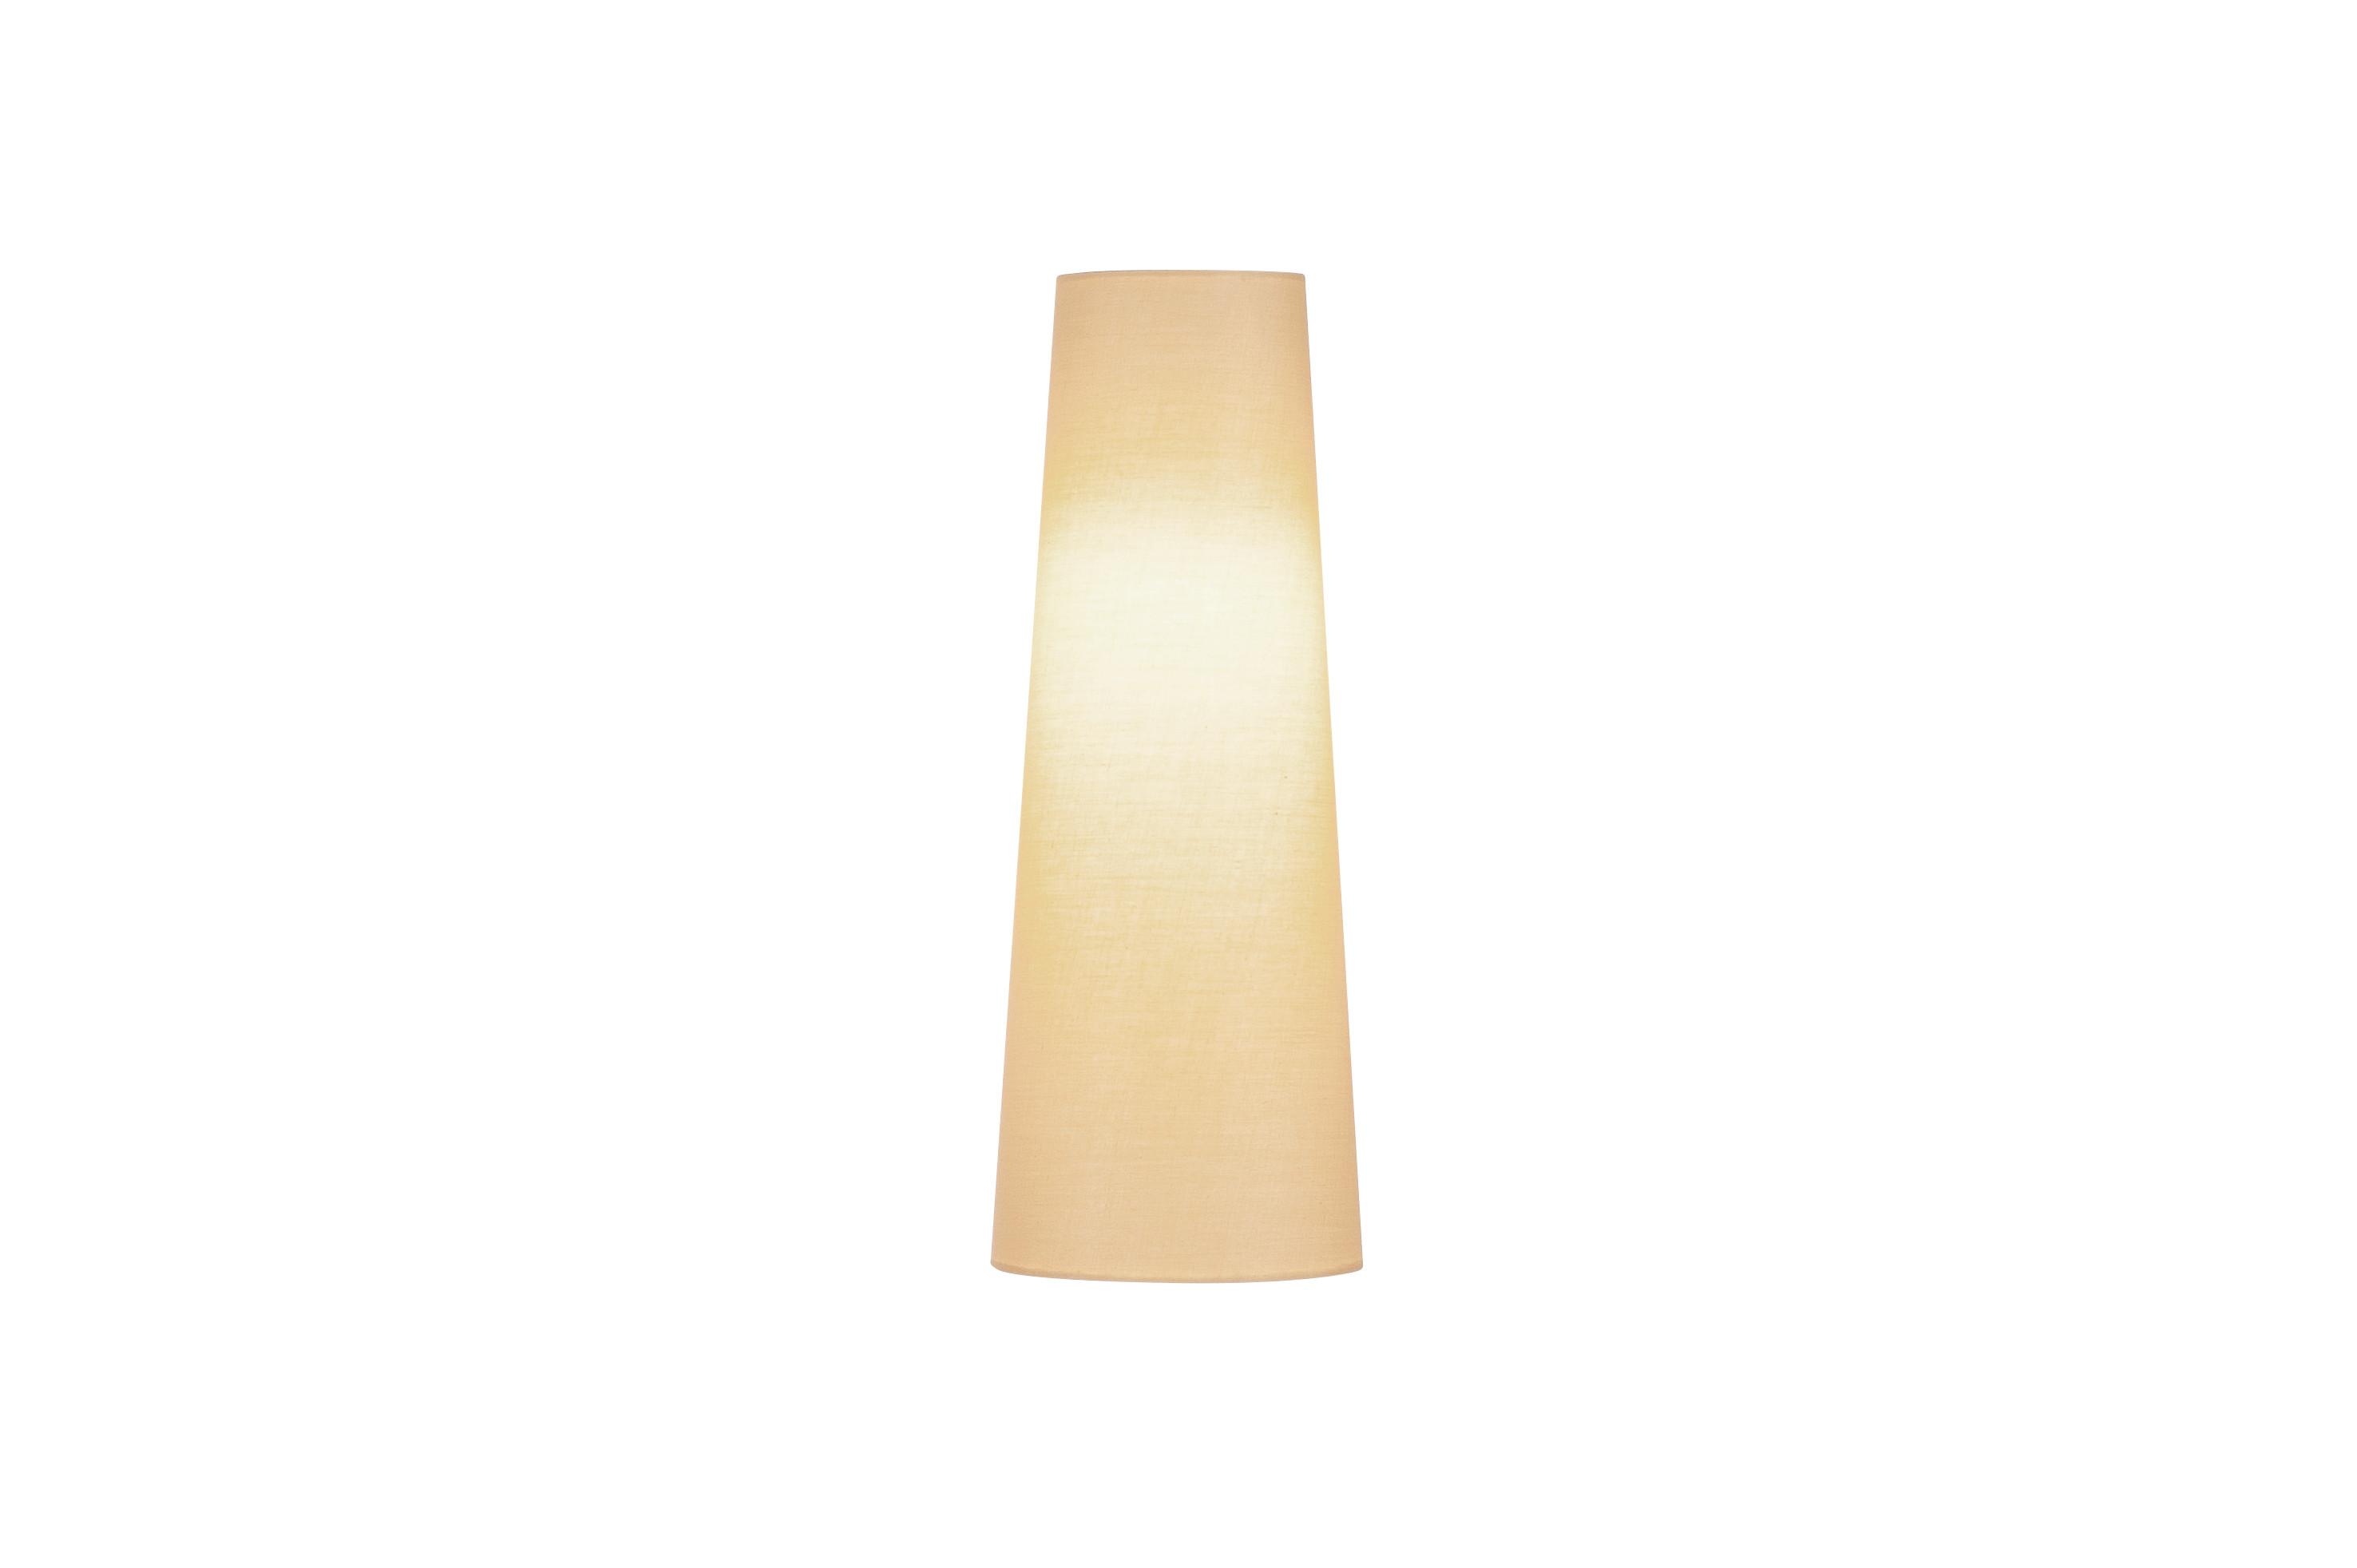 1 Stk FENDA, Leuchtenschirm, konisch, beige, Ø/H 15/40 cm LI156203--